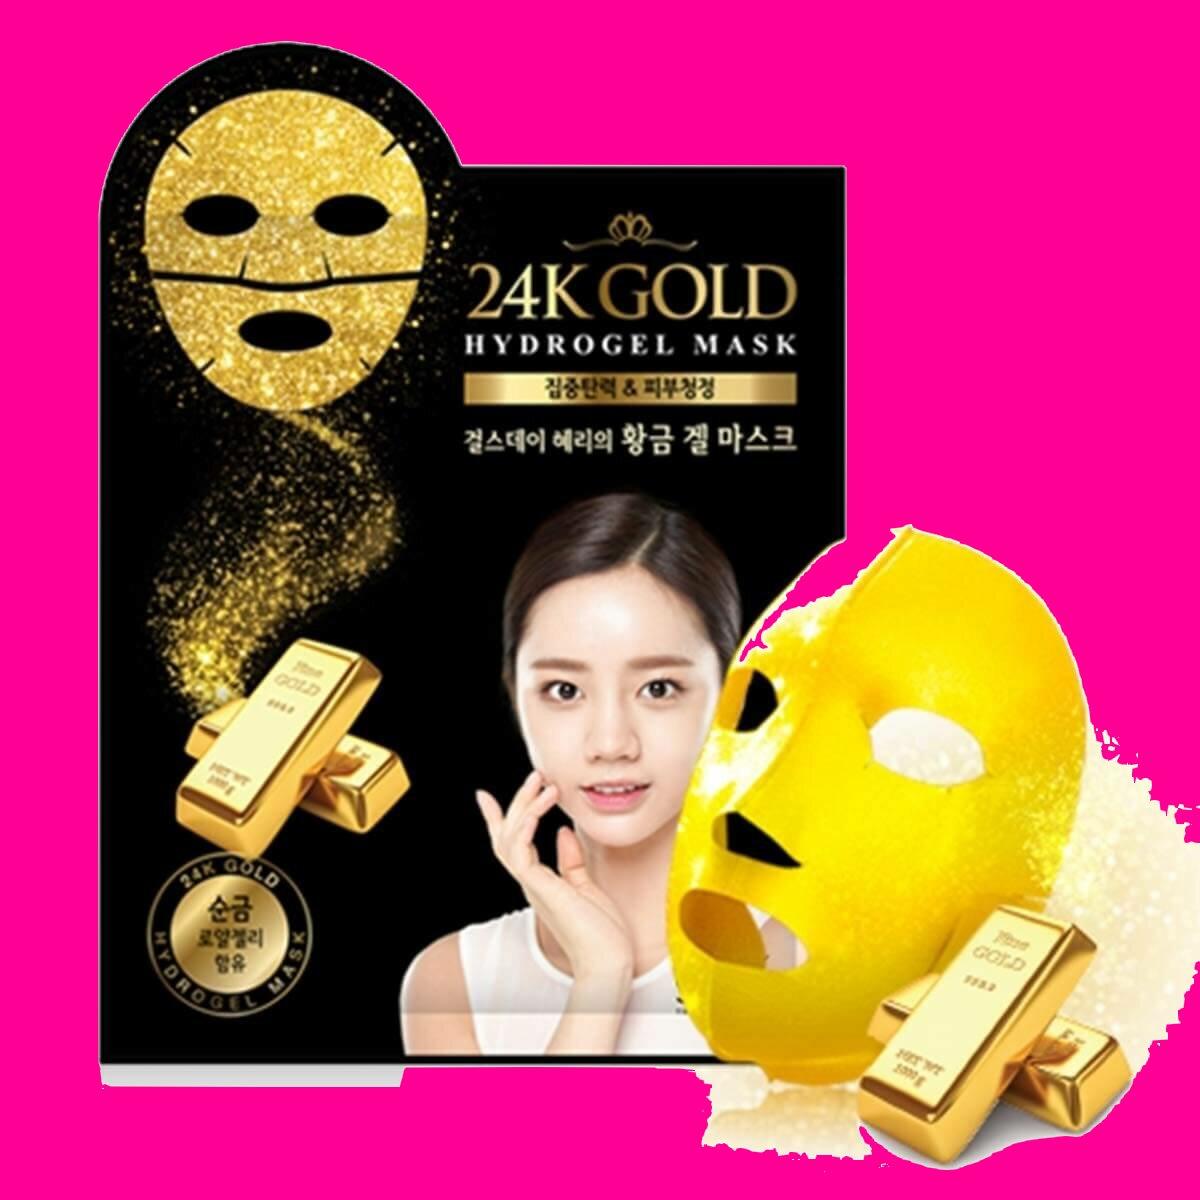 scinic 24k gold hydrogel maske